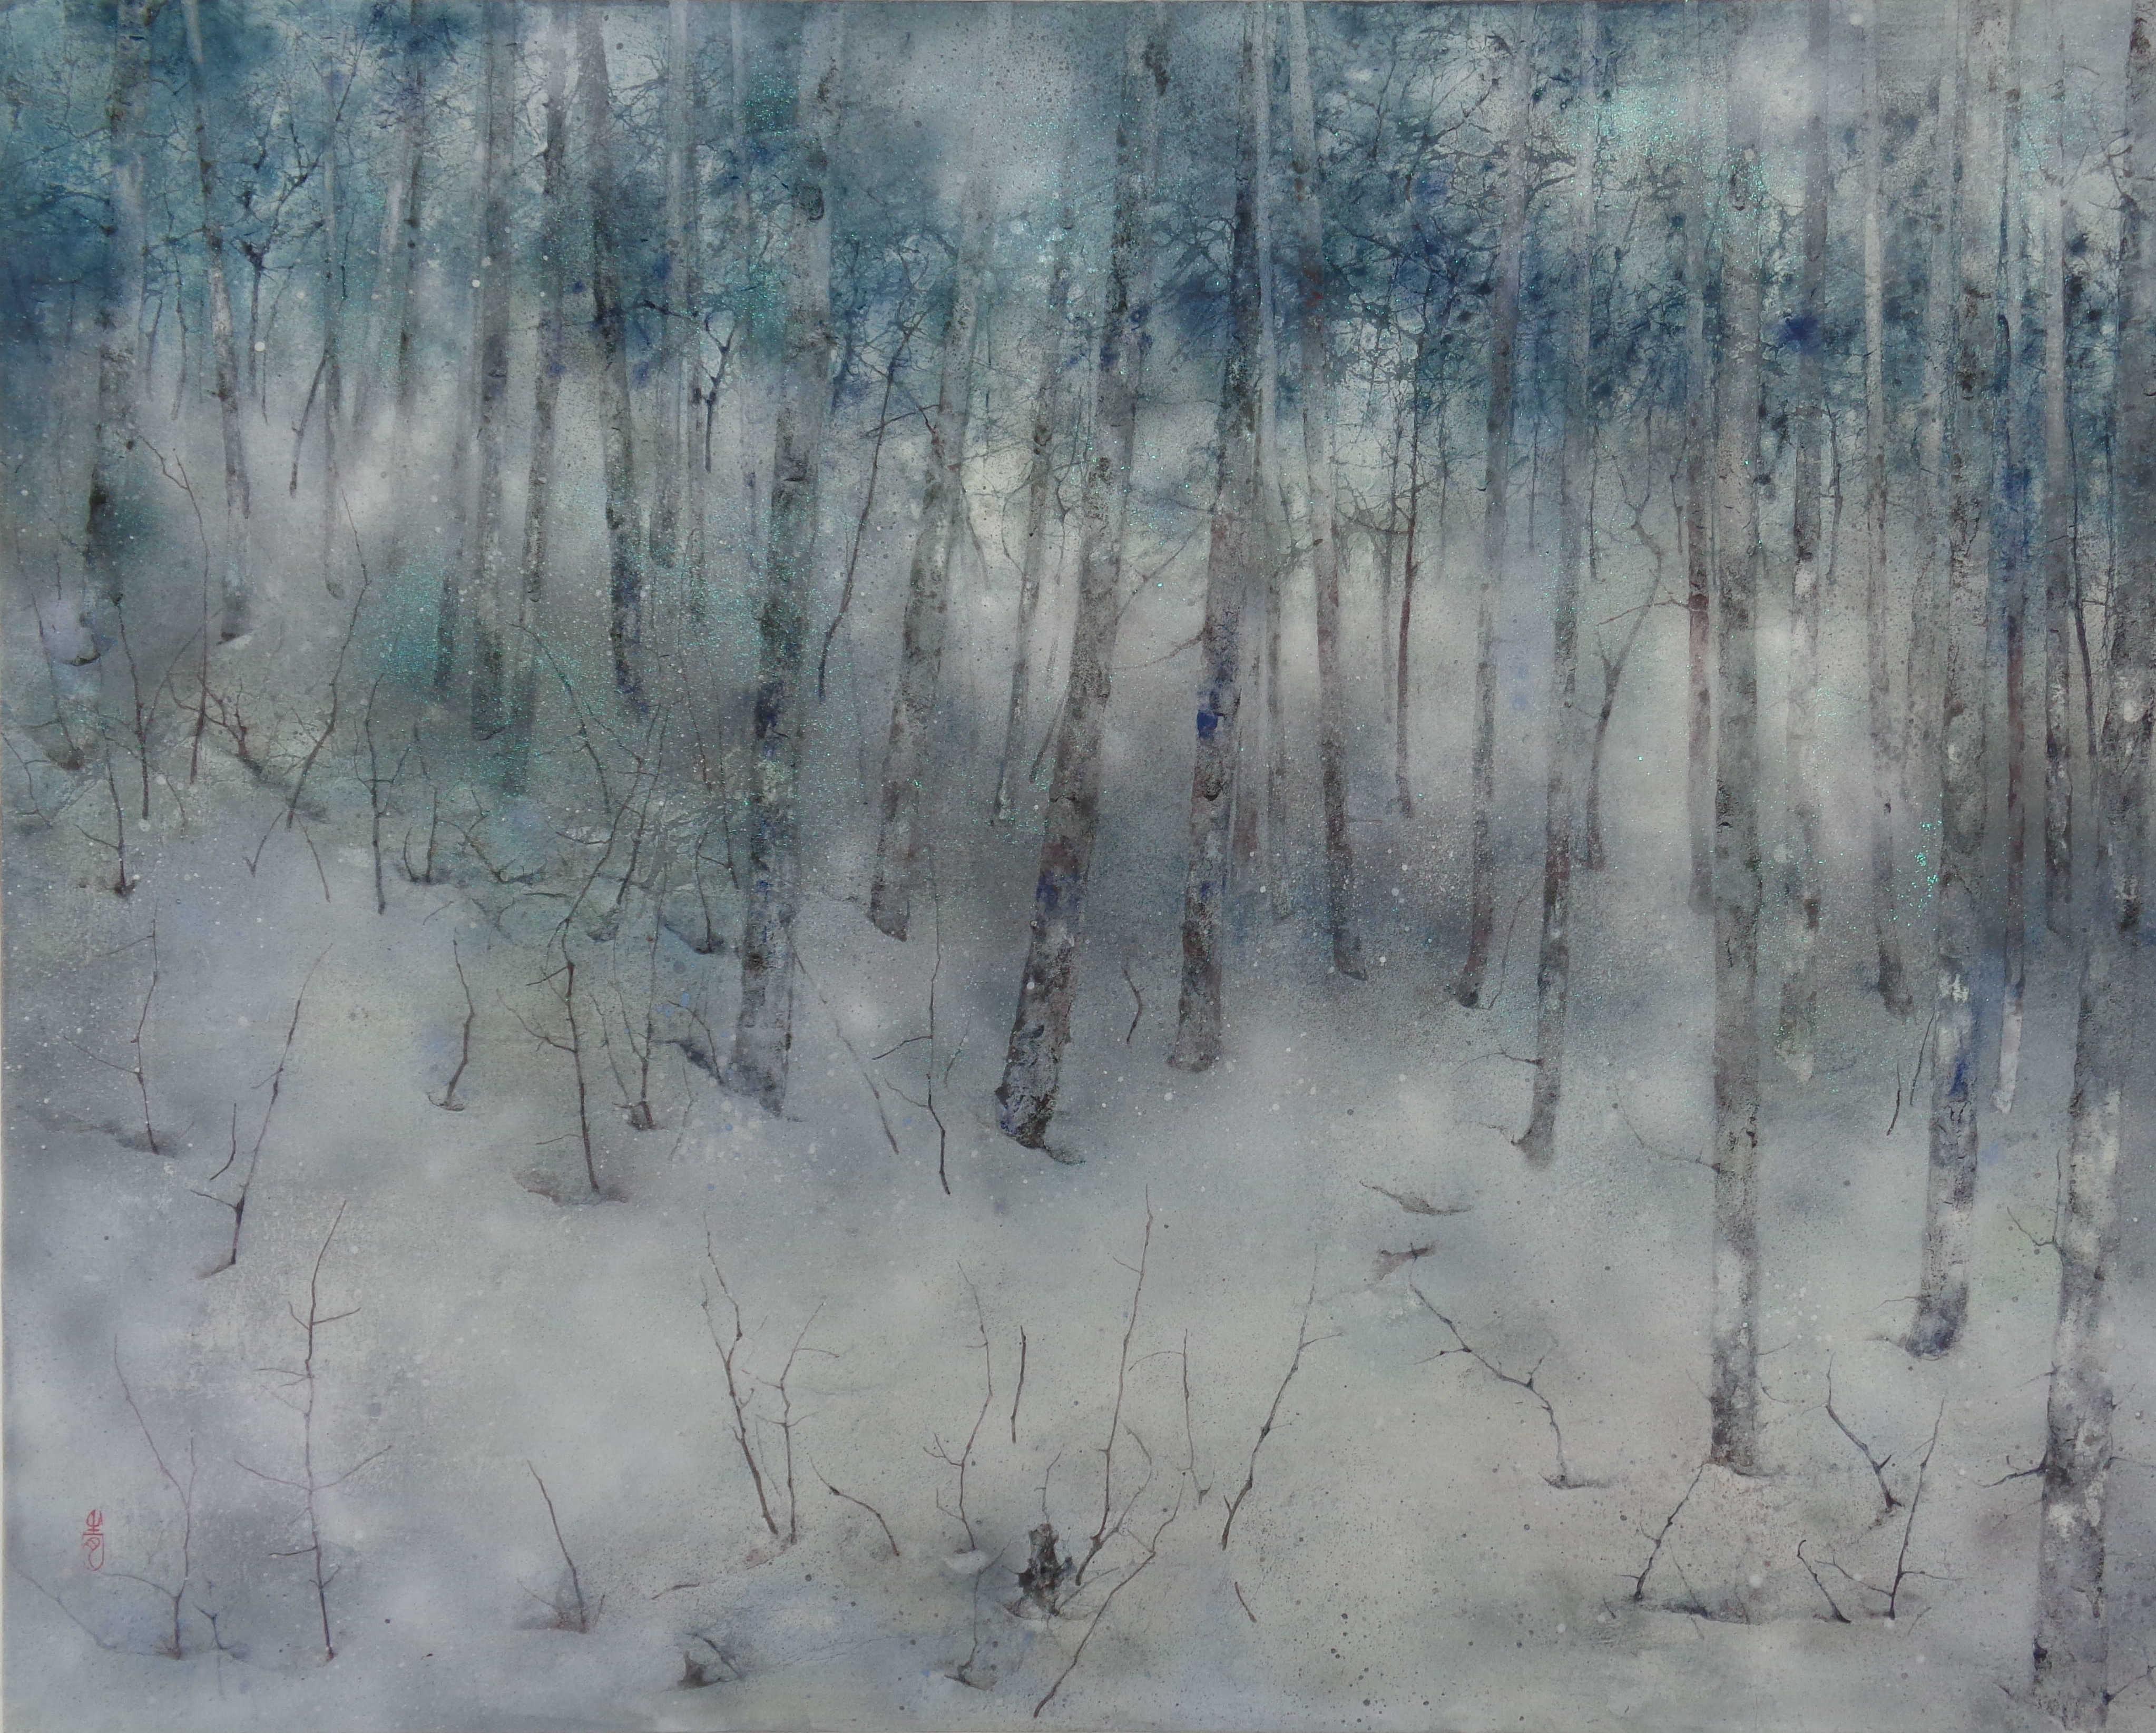 Solitude - 70x100cm /2020